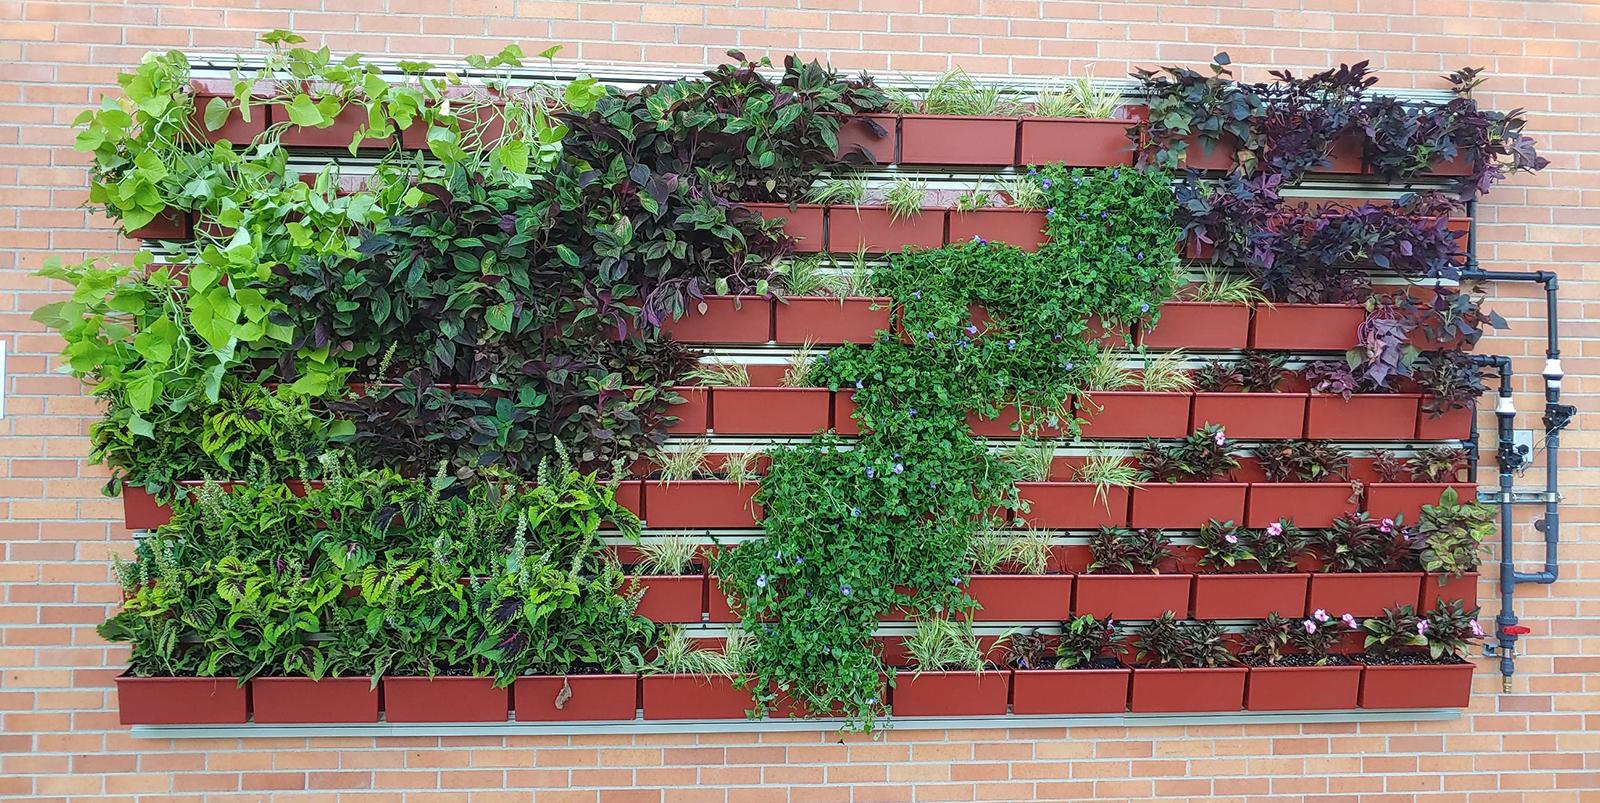 The living wall at Matthaei